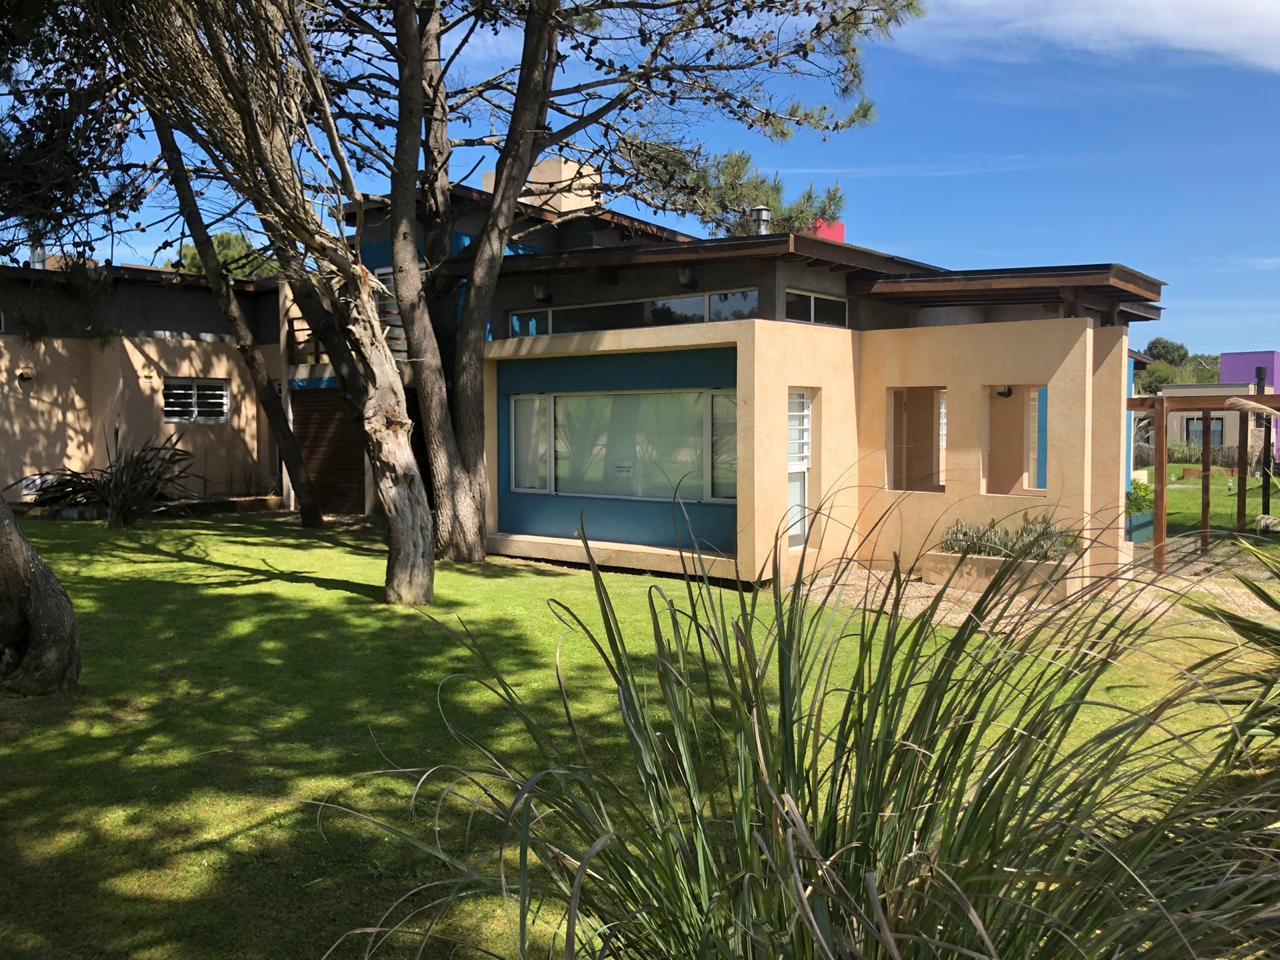 Casa 3 – de 3 ambientes c/piscina (5 mayores)